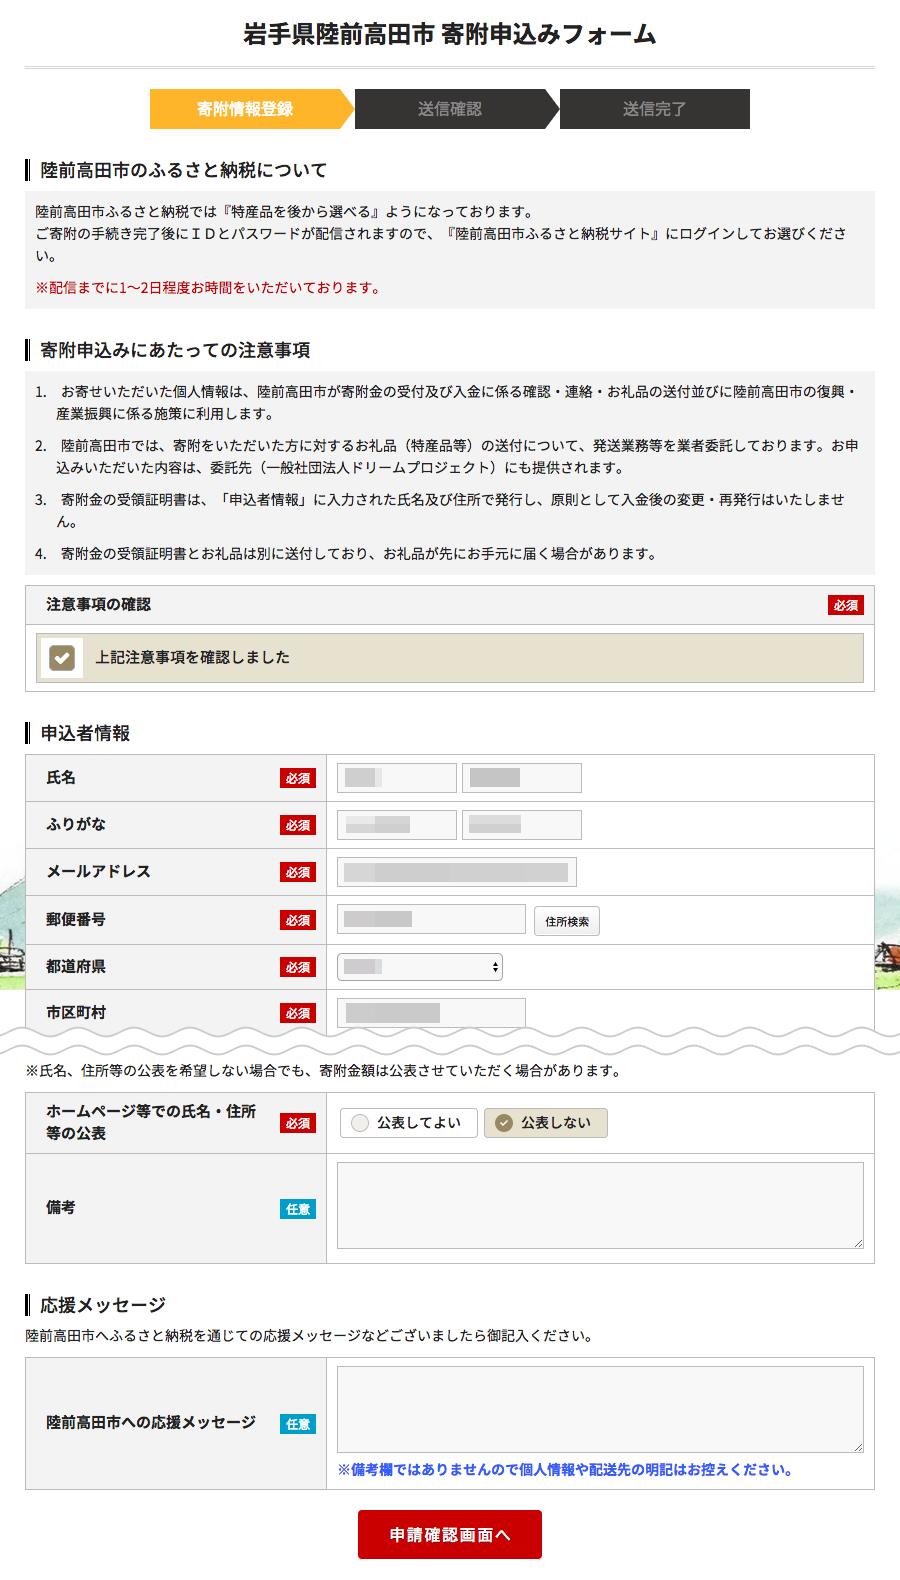 ふるなび寄附申込みフォーム